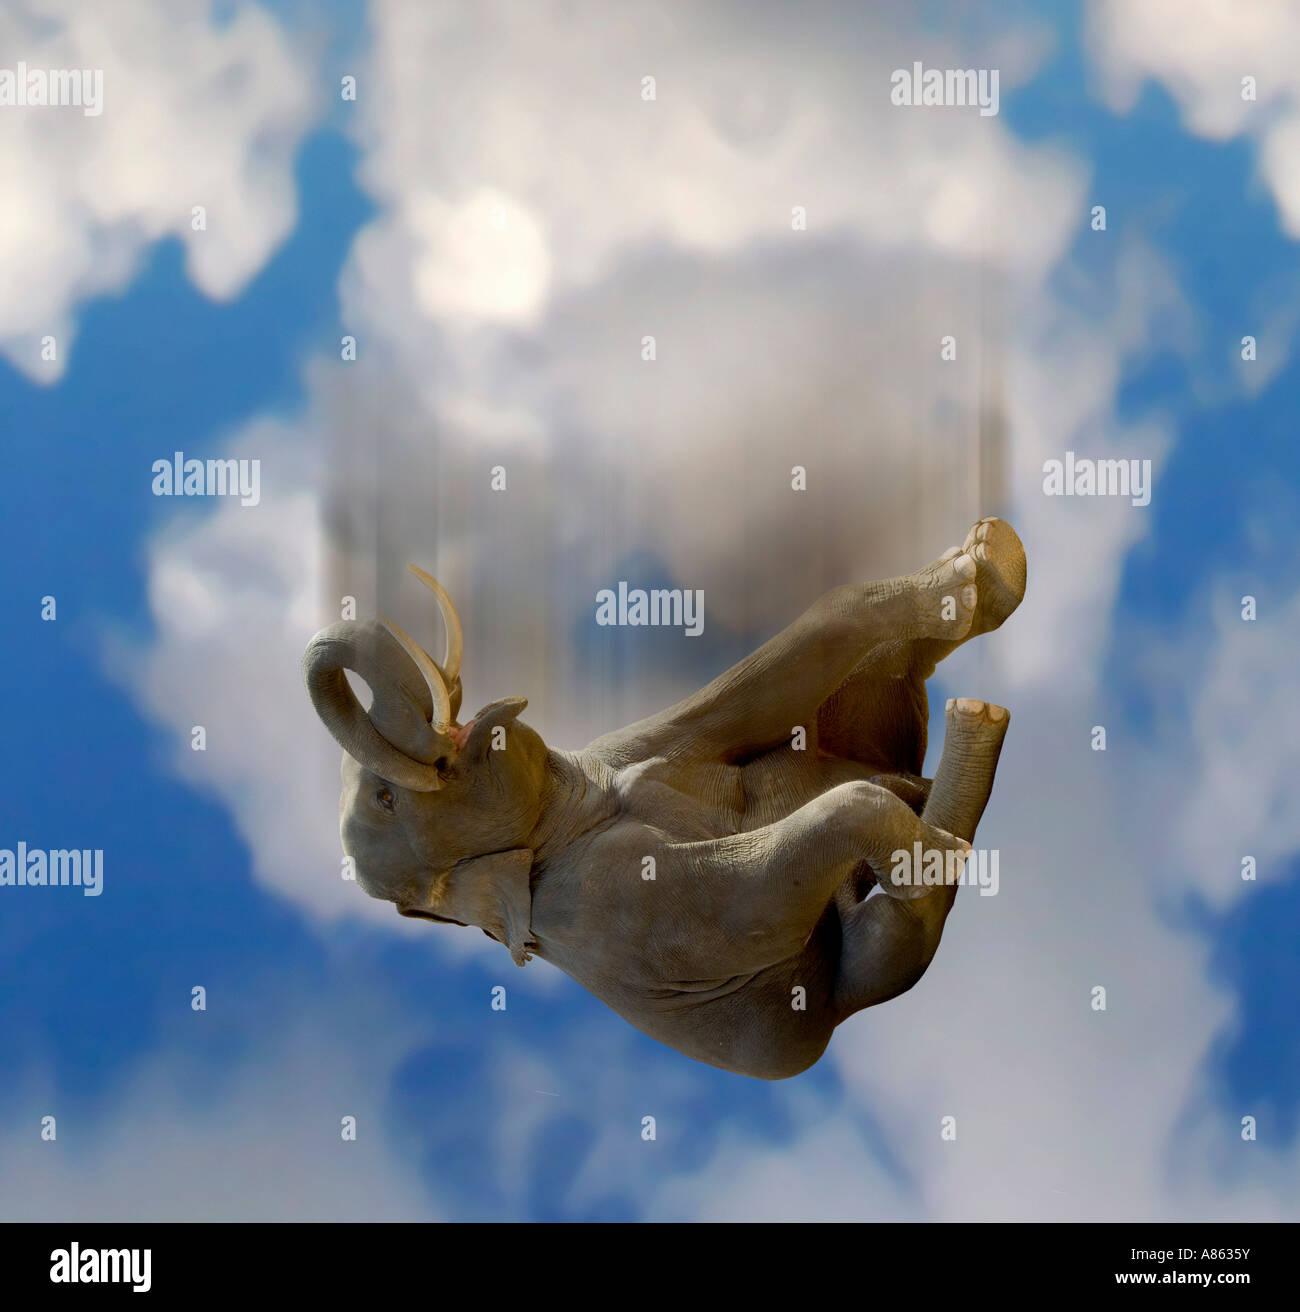 Falling elephant - Stock Image